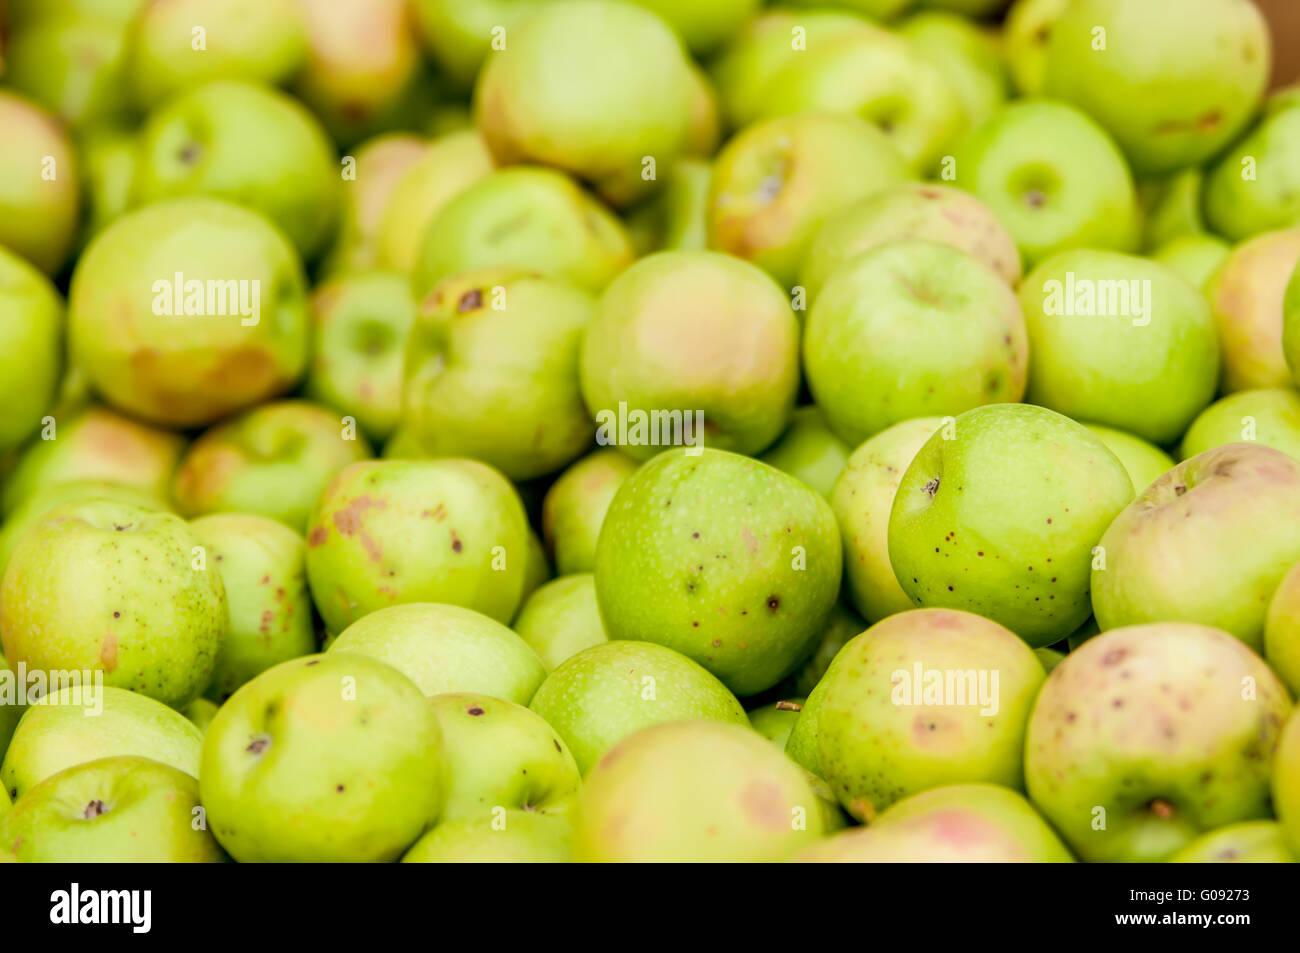 Frisch geerntete bunte crimson knackige Äpfel auf dem Display auf dem Bauernmarkt Stockbild